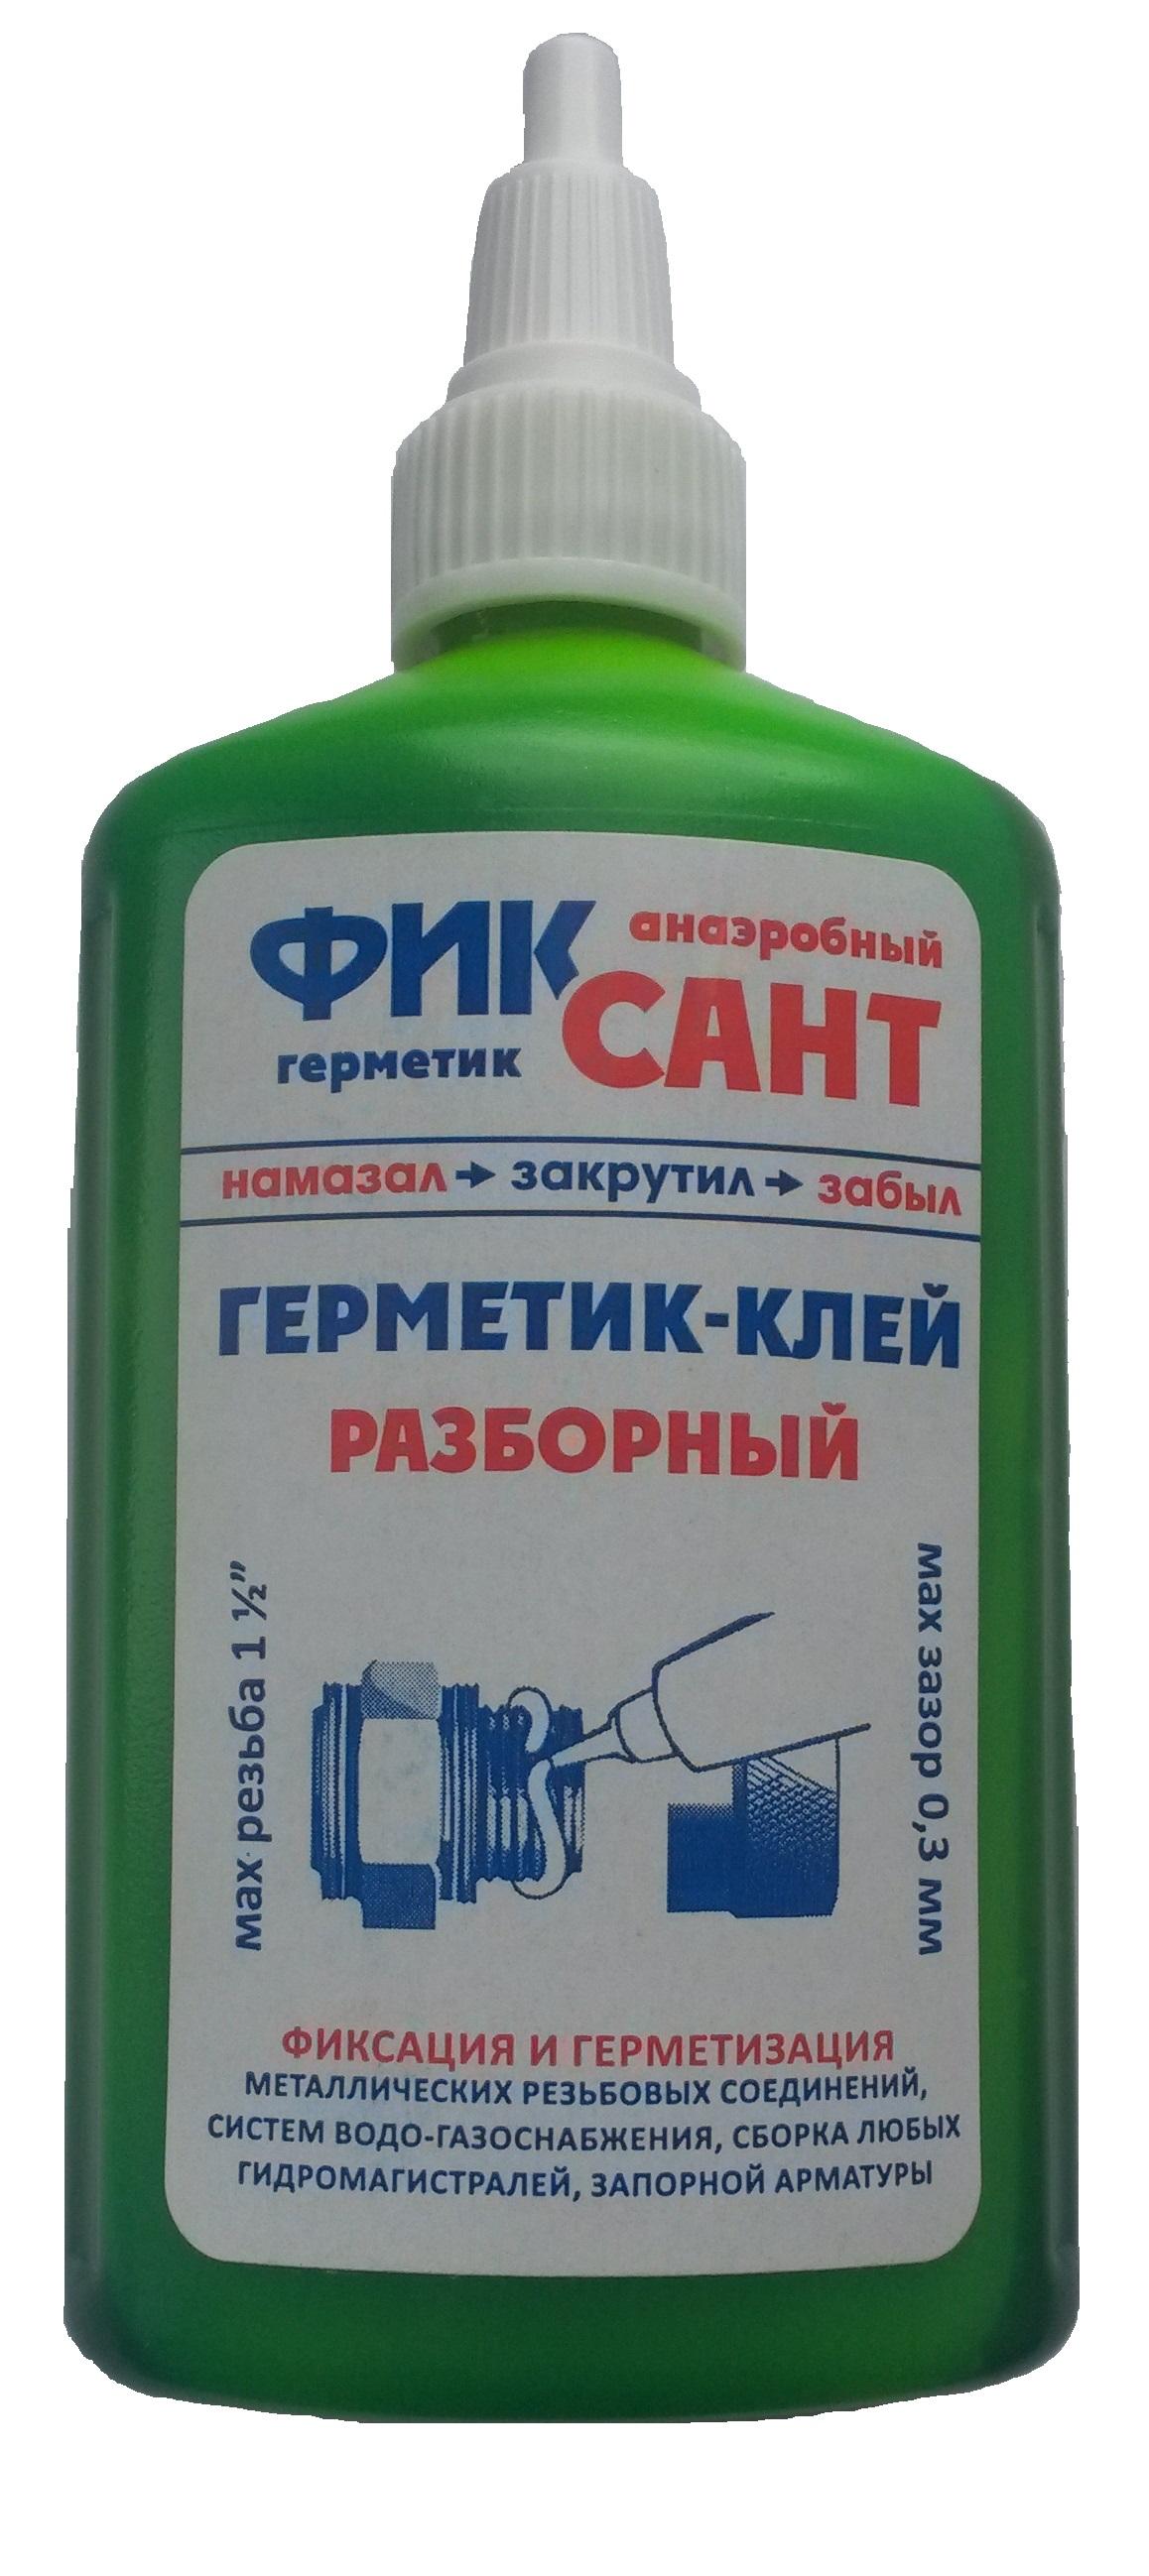 Герметик для уплотнения резьбовых соединений